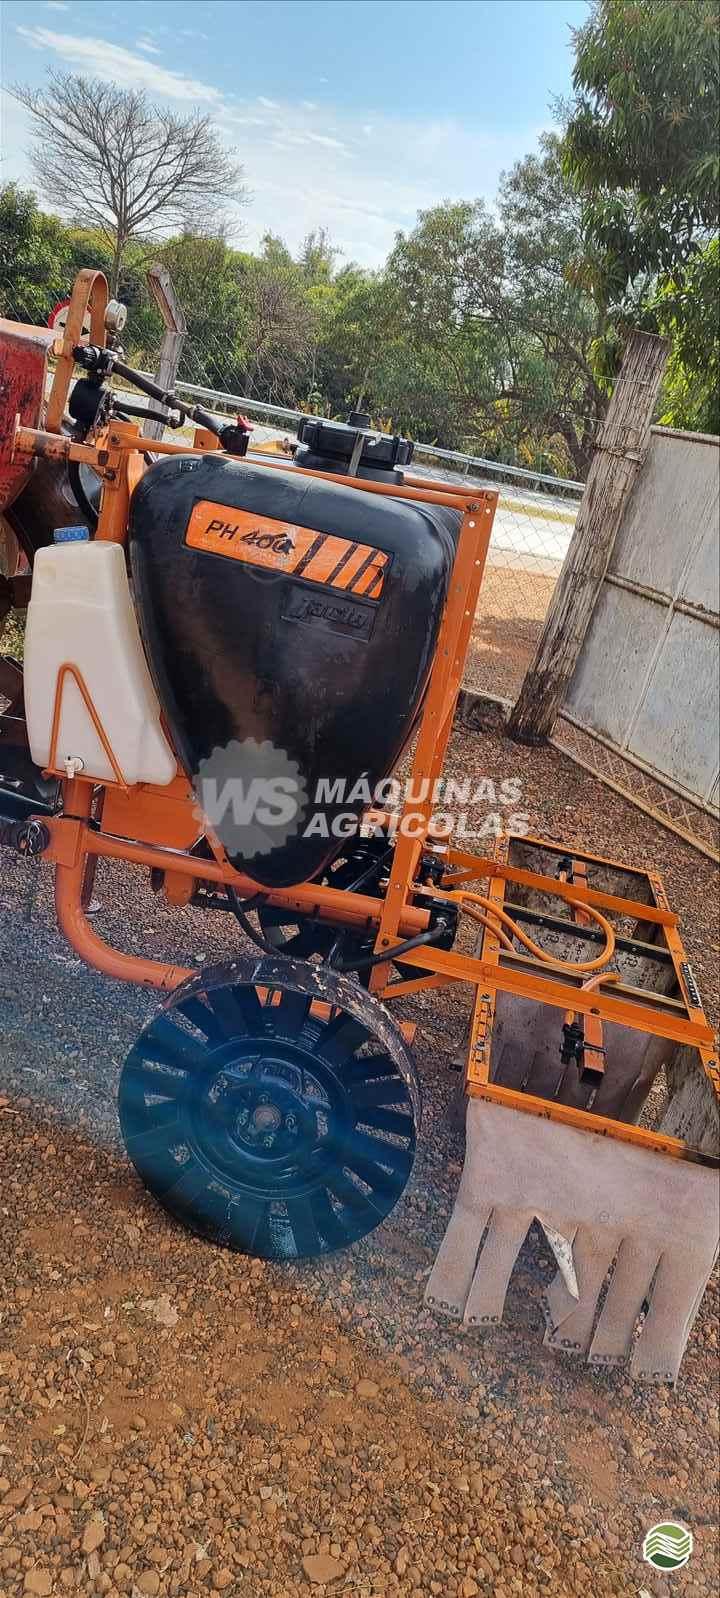 PULVERIZADOR JACTO PJ 400 L  Acoplado Hidráulico WS Máquinas Agrícolas SERTAOZINHO SÃO PAULO SP